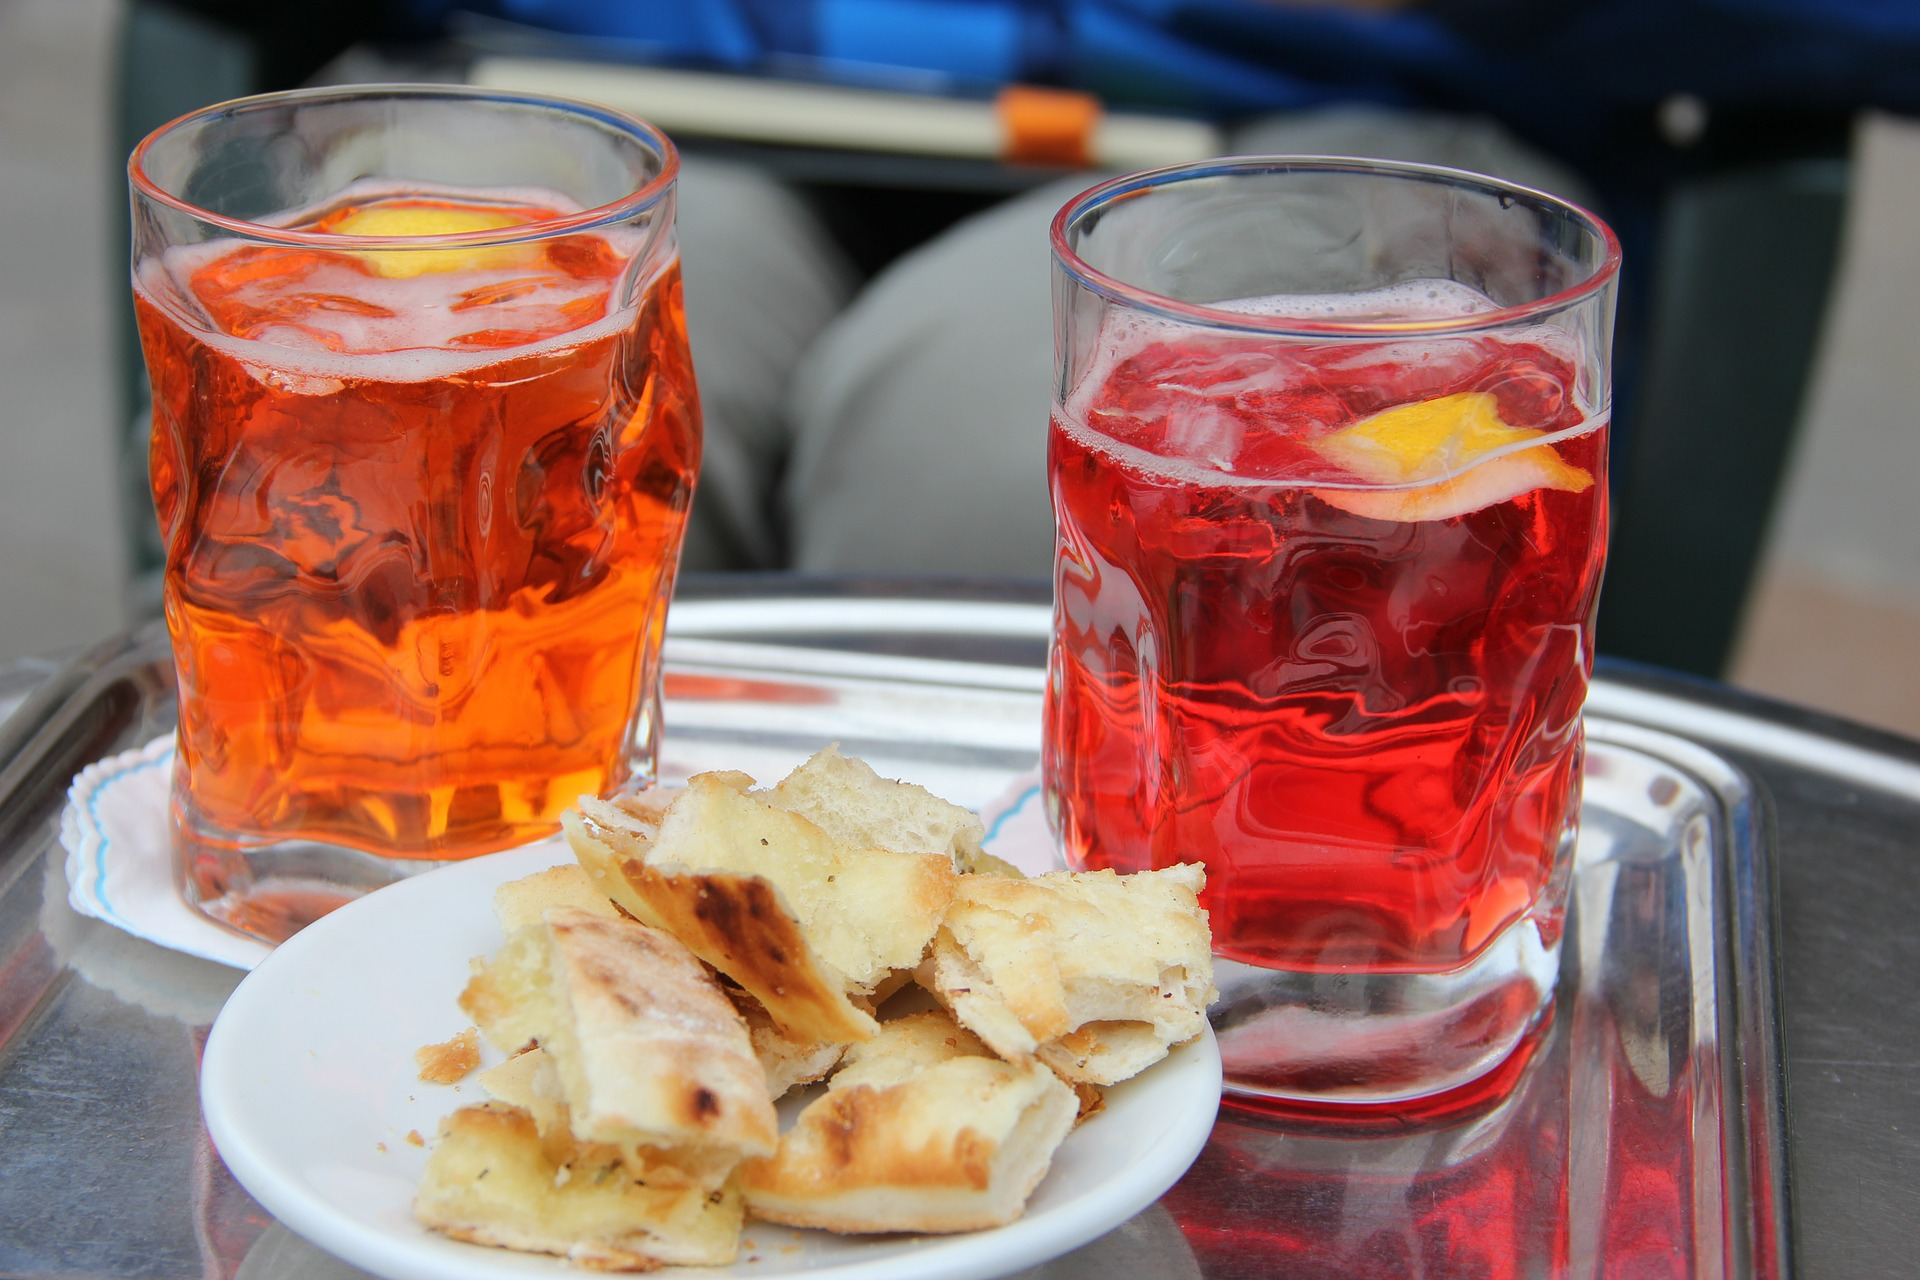 due bicchieri di spritz e un piattino con rustici